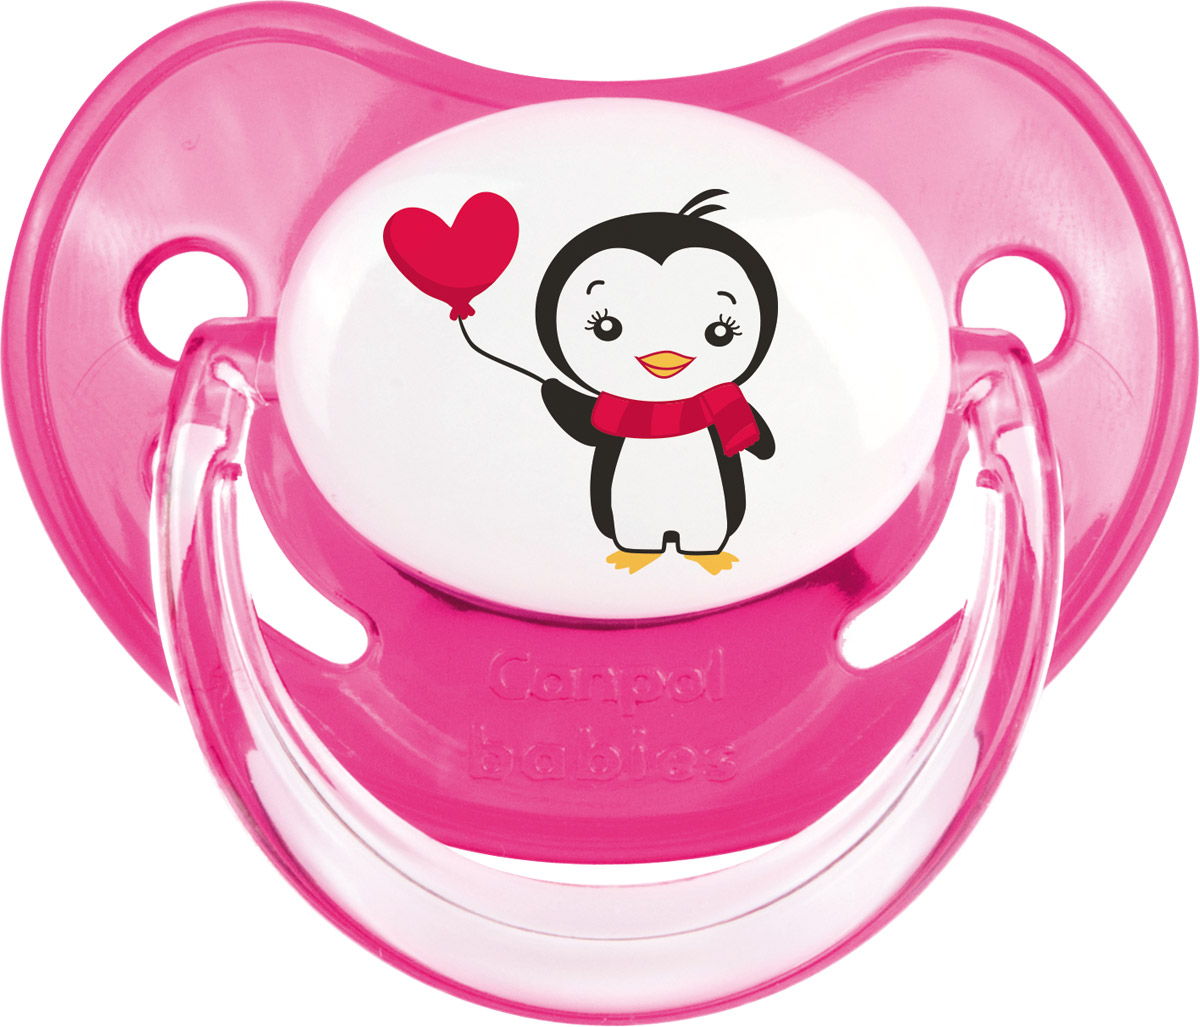 Canpol Babies Пустышка латексная ортодонтическая Penguin от 0 до 6 месяцев цвет розовый